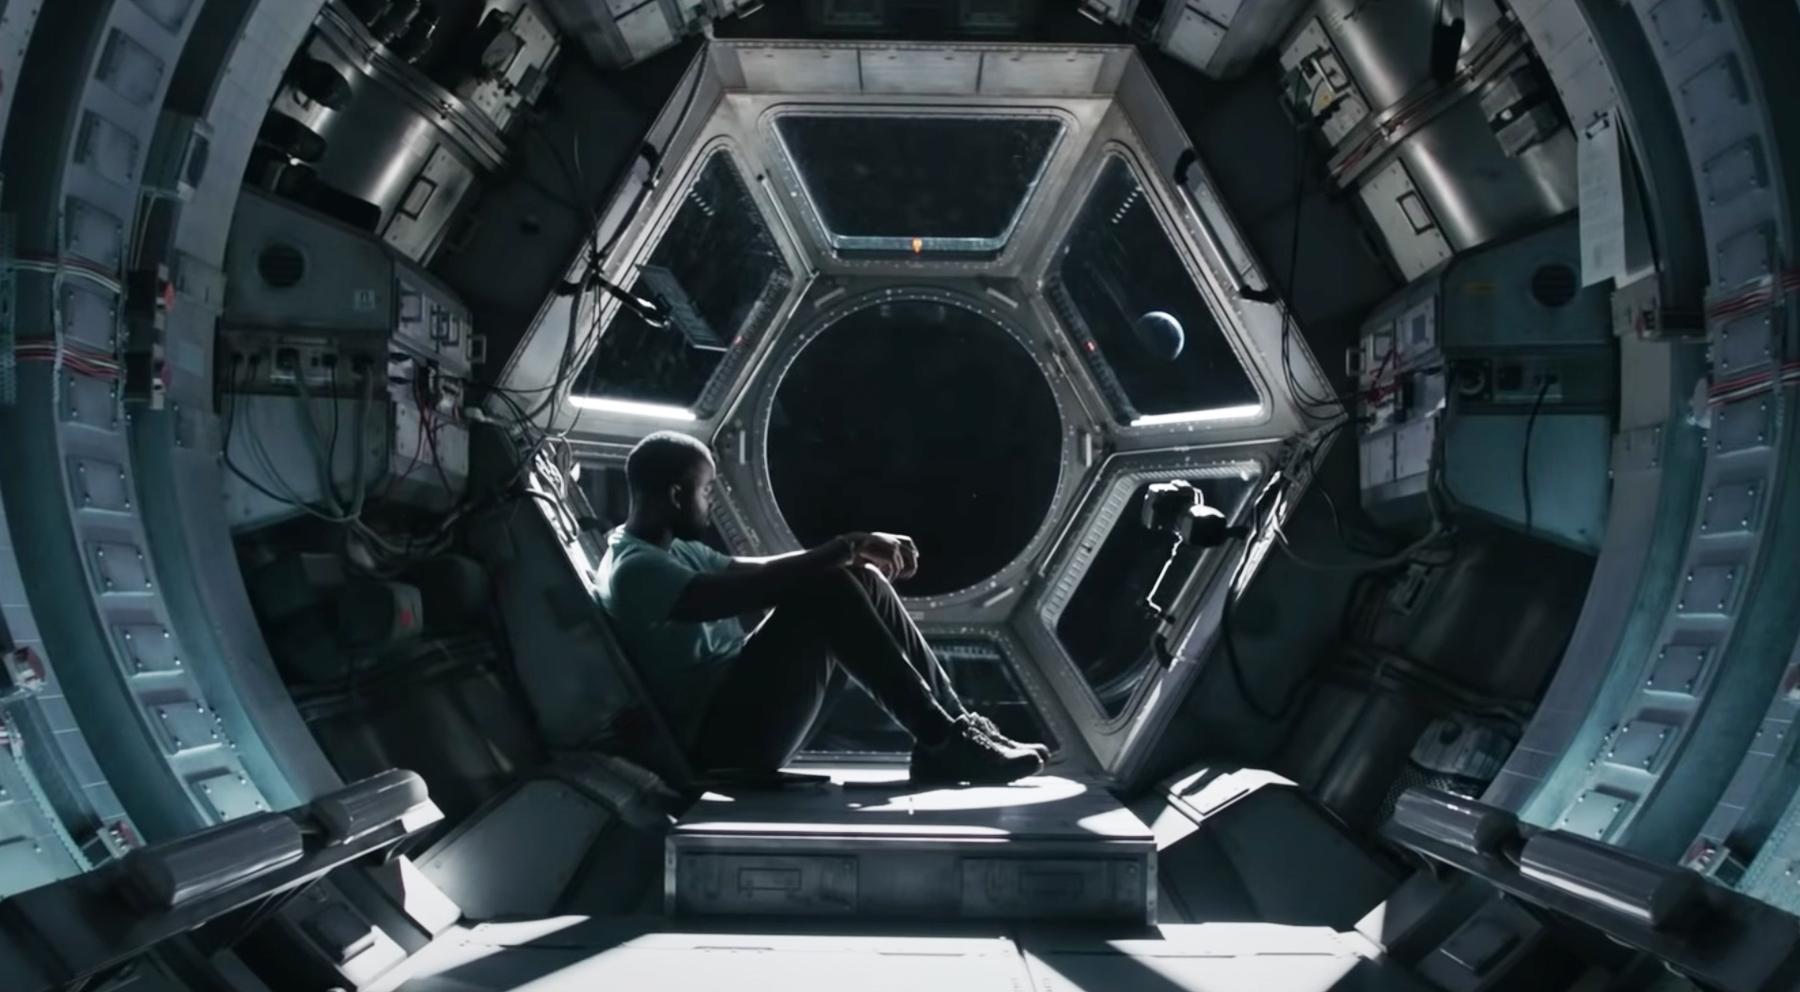 """Les systèmes de survie endommagés ne peuvent pas soutenir l'ensemble de l'équipage lors d'une mission de deux ans sur Mars en """"Passager clandestin"""""""